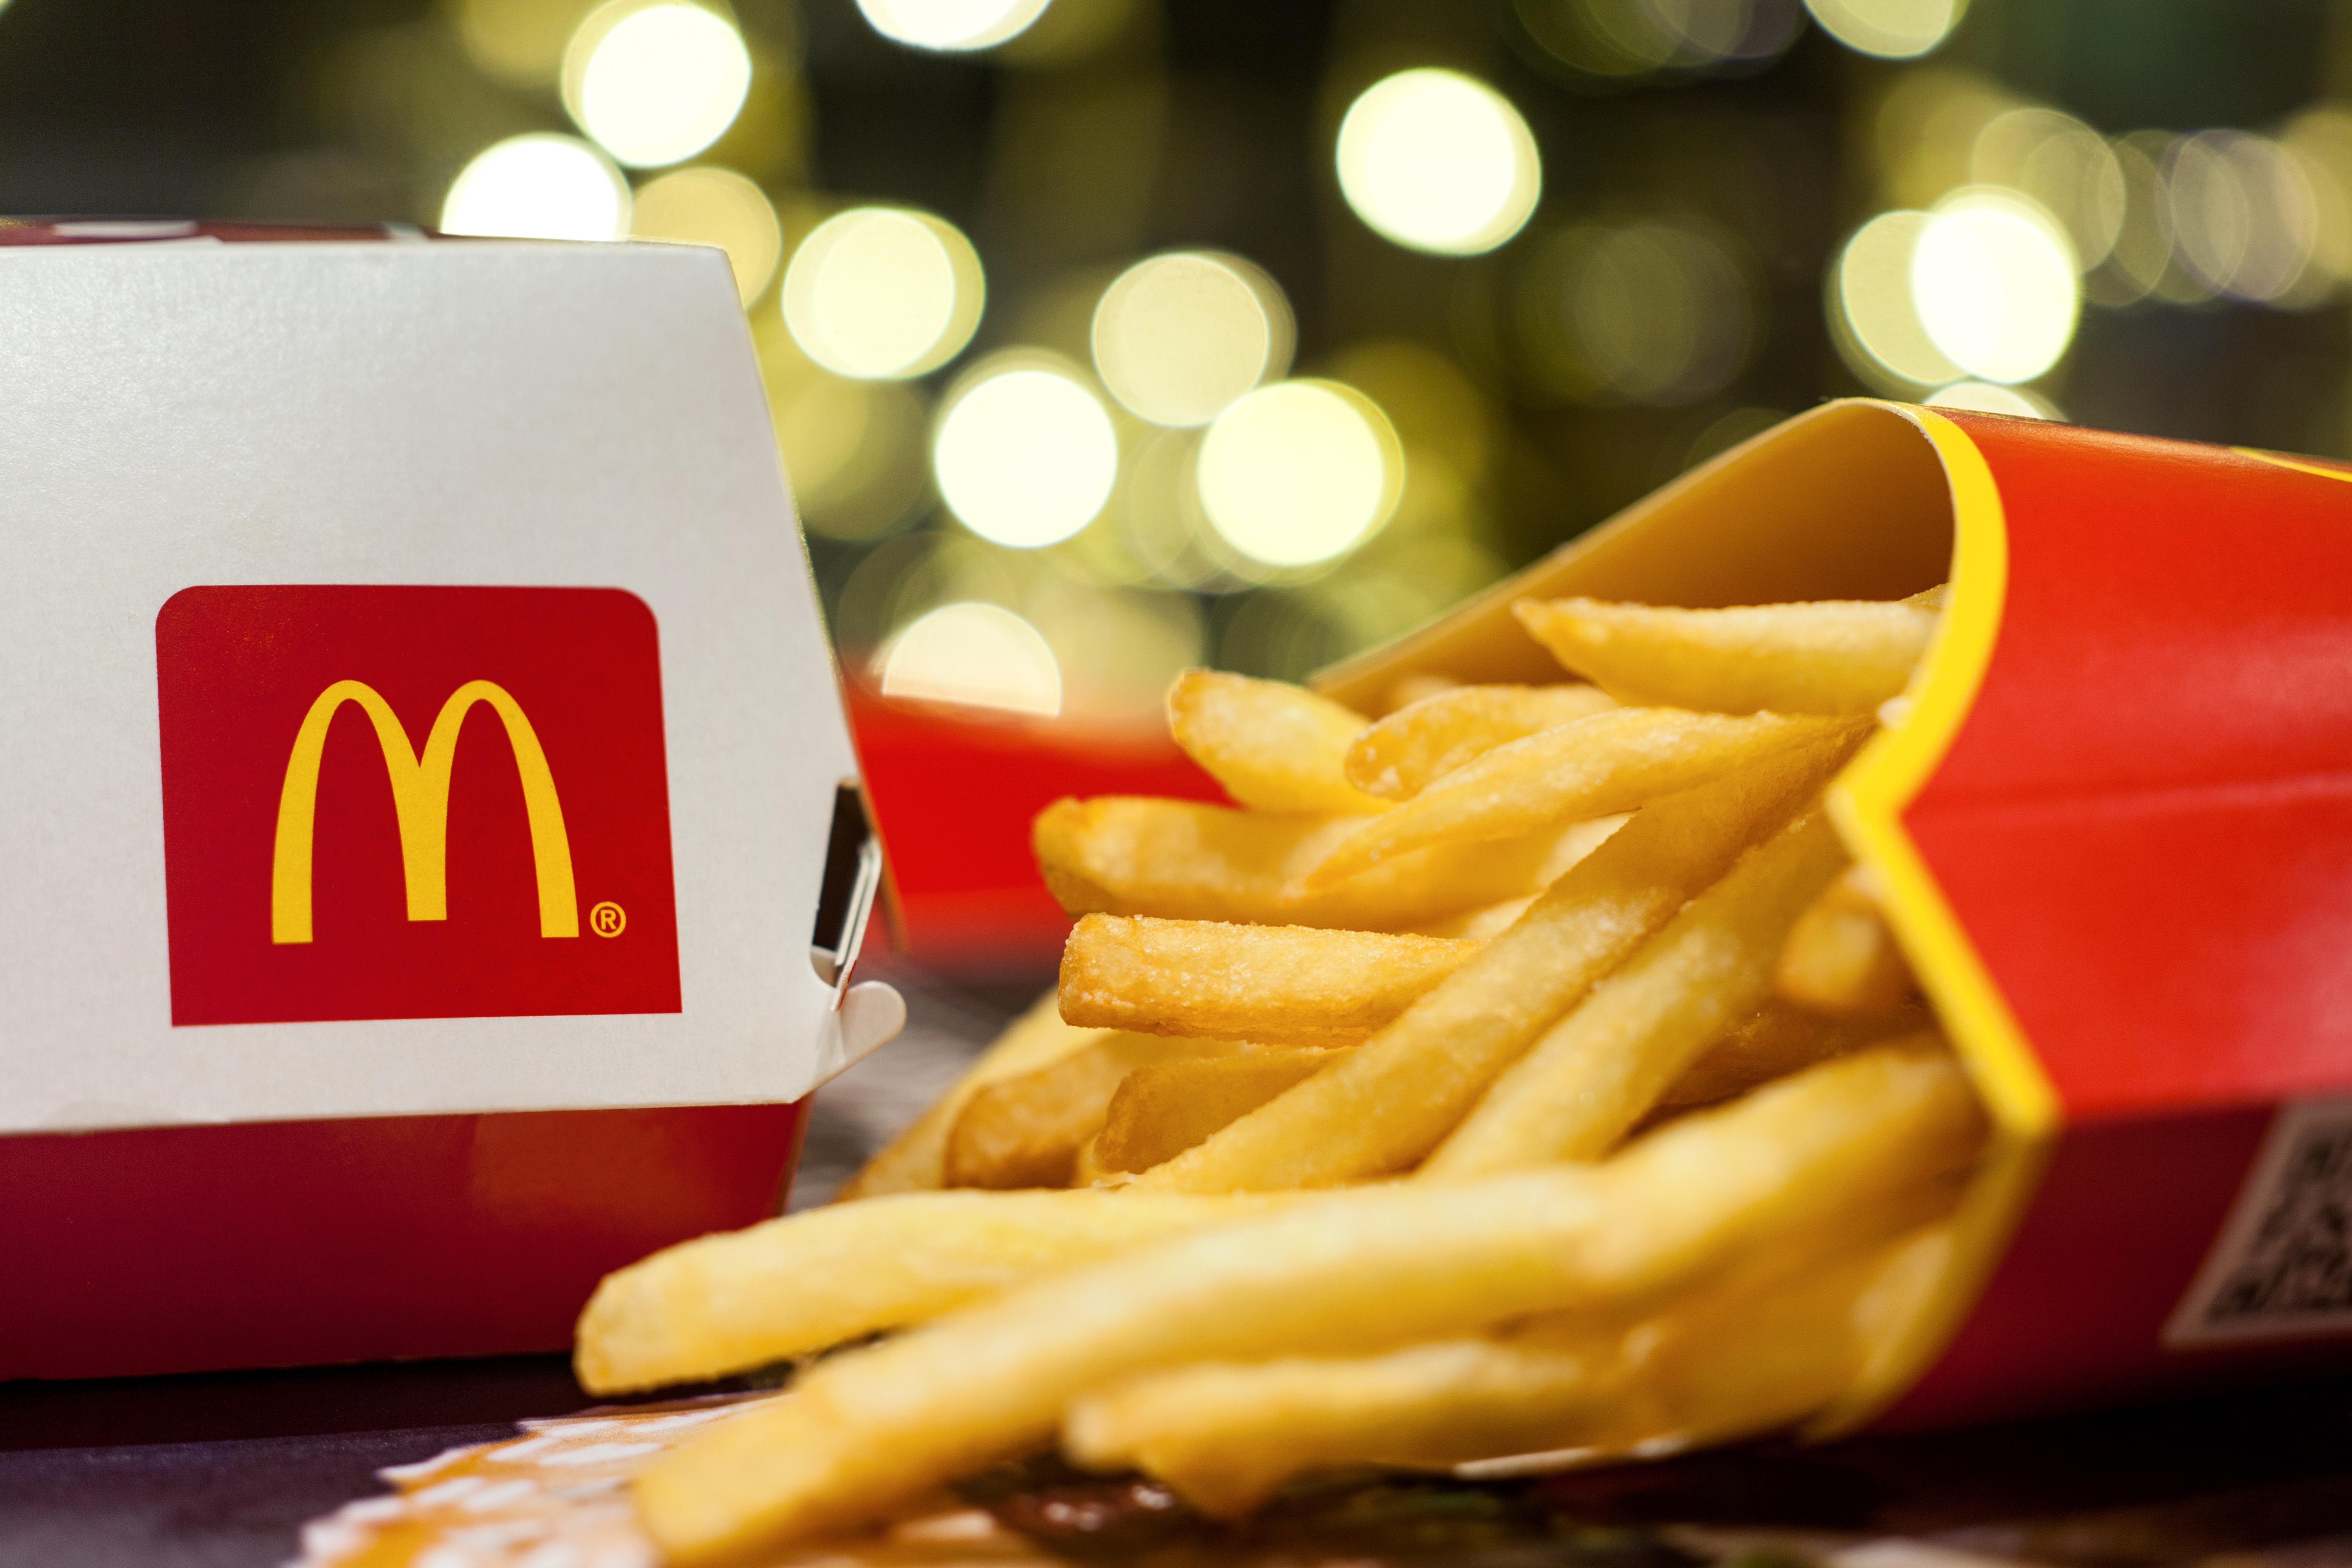 Componente químico usado em batatas fritas do McDonald's pode curar calvície